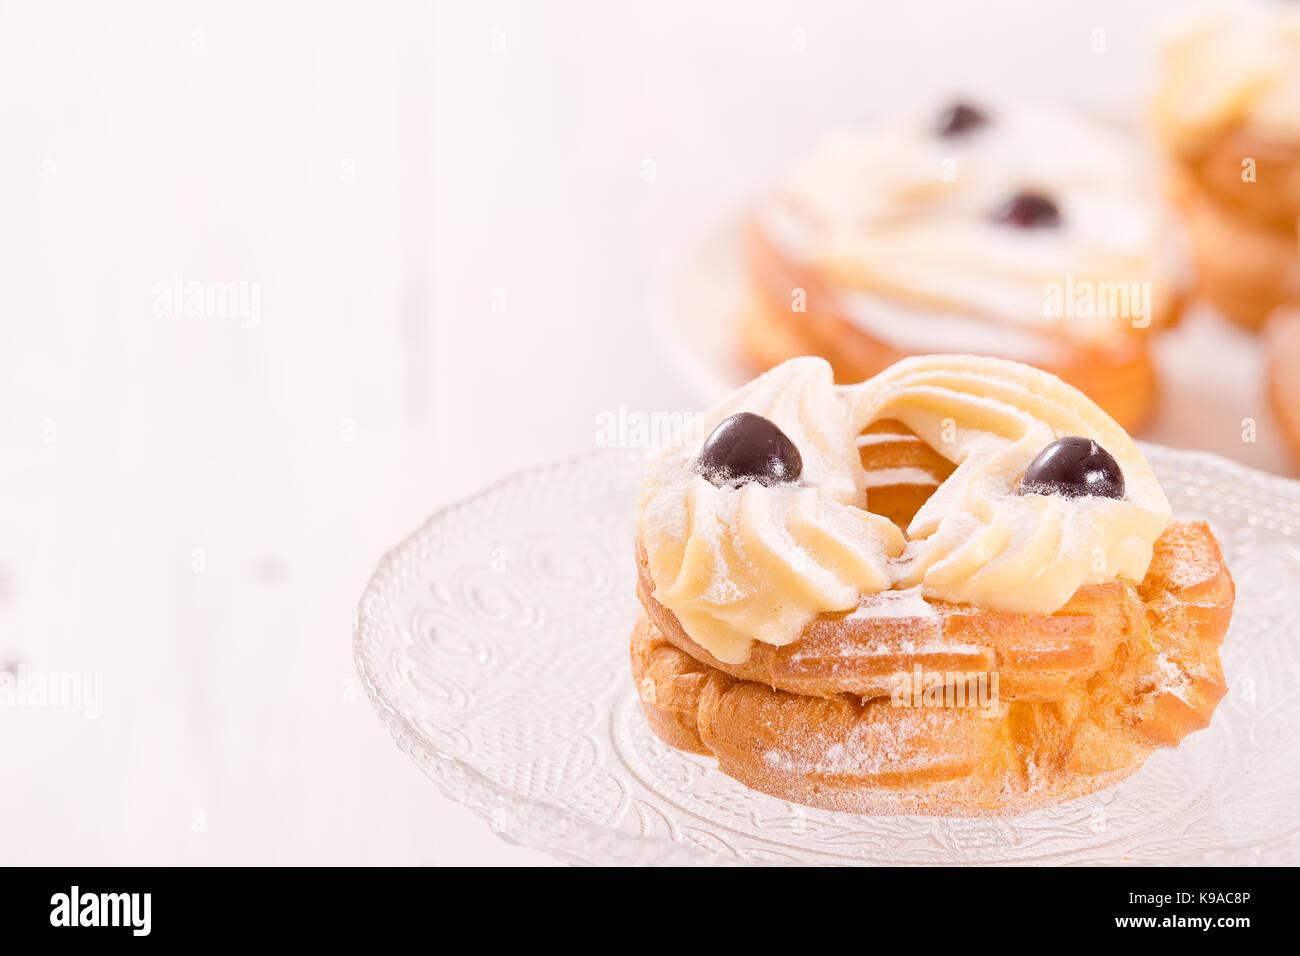 Zeppole con crema pasticcera. Immagini Stock